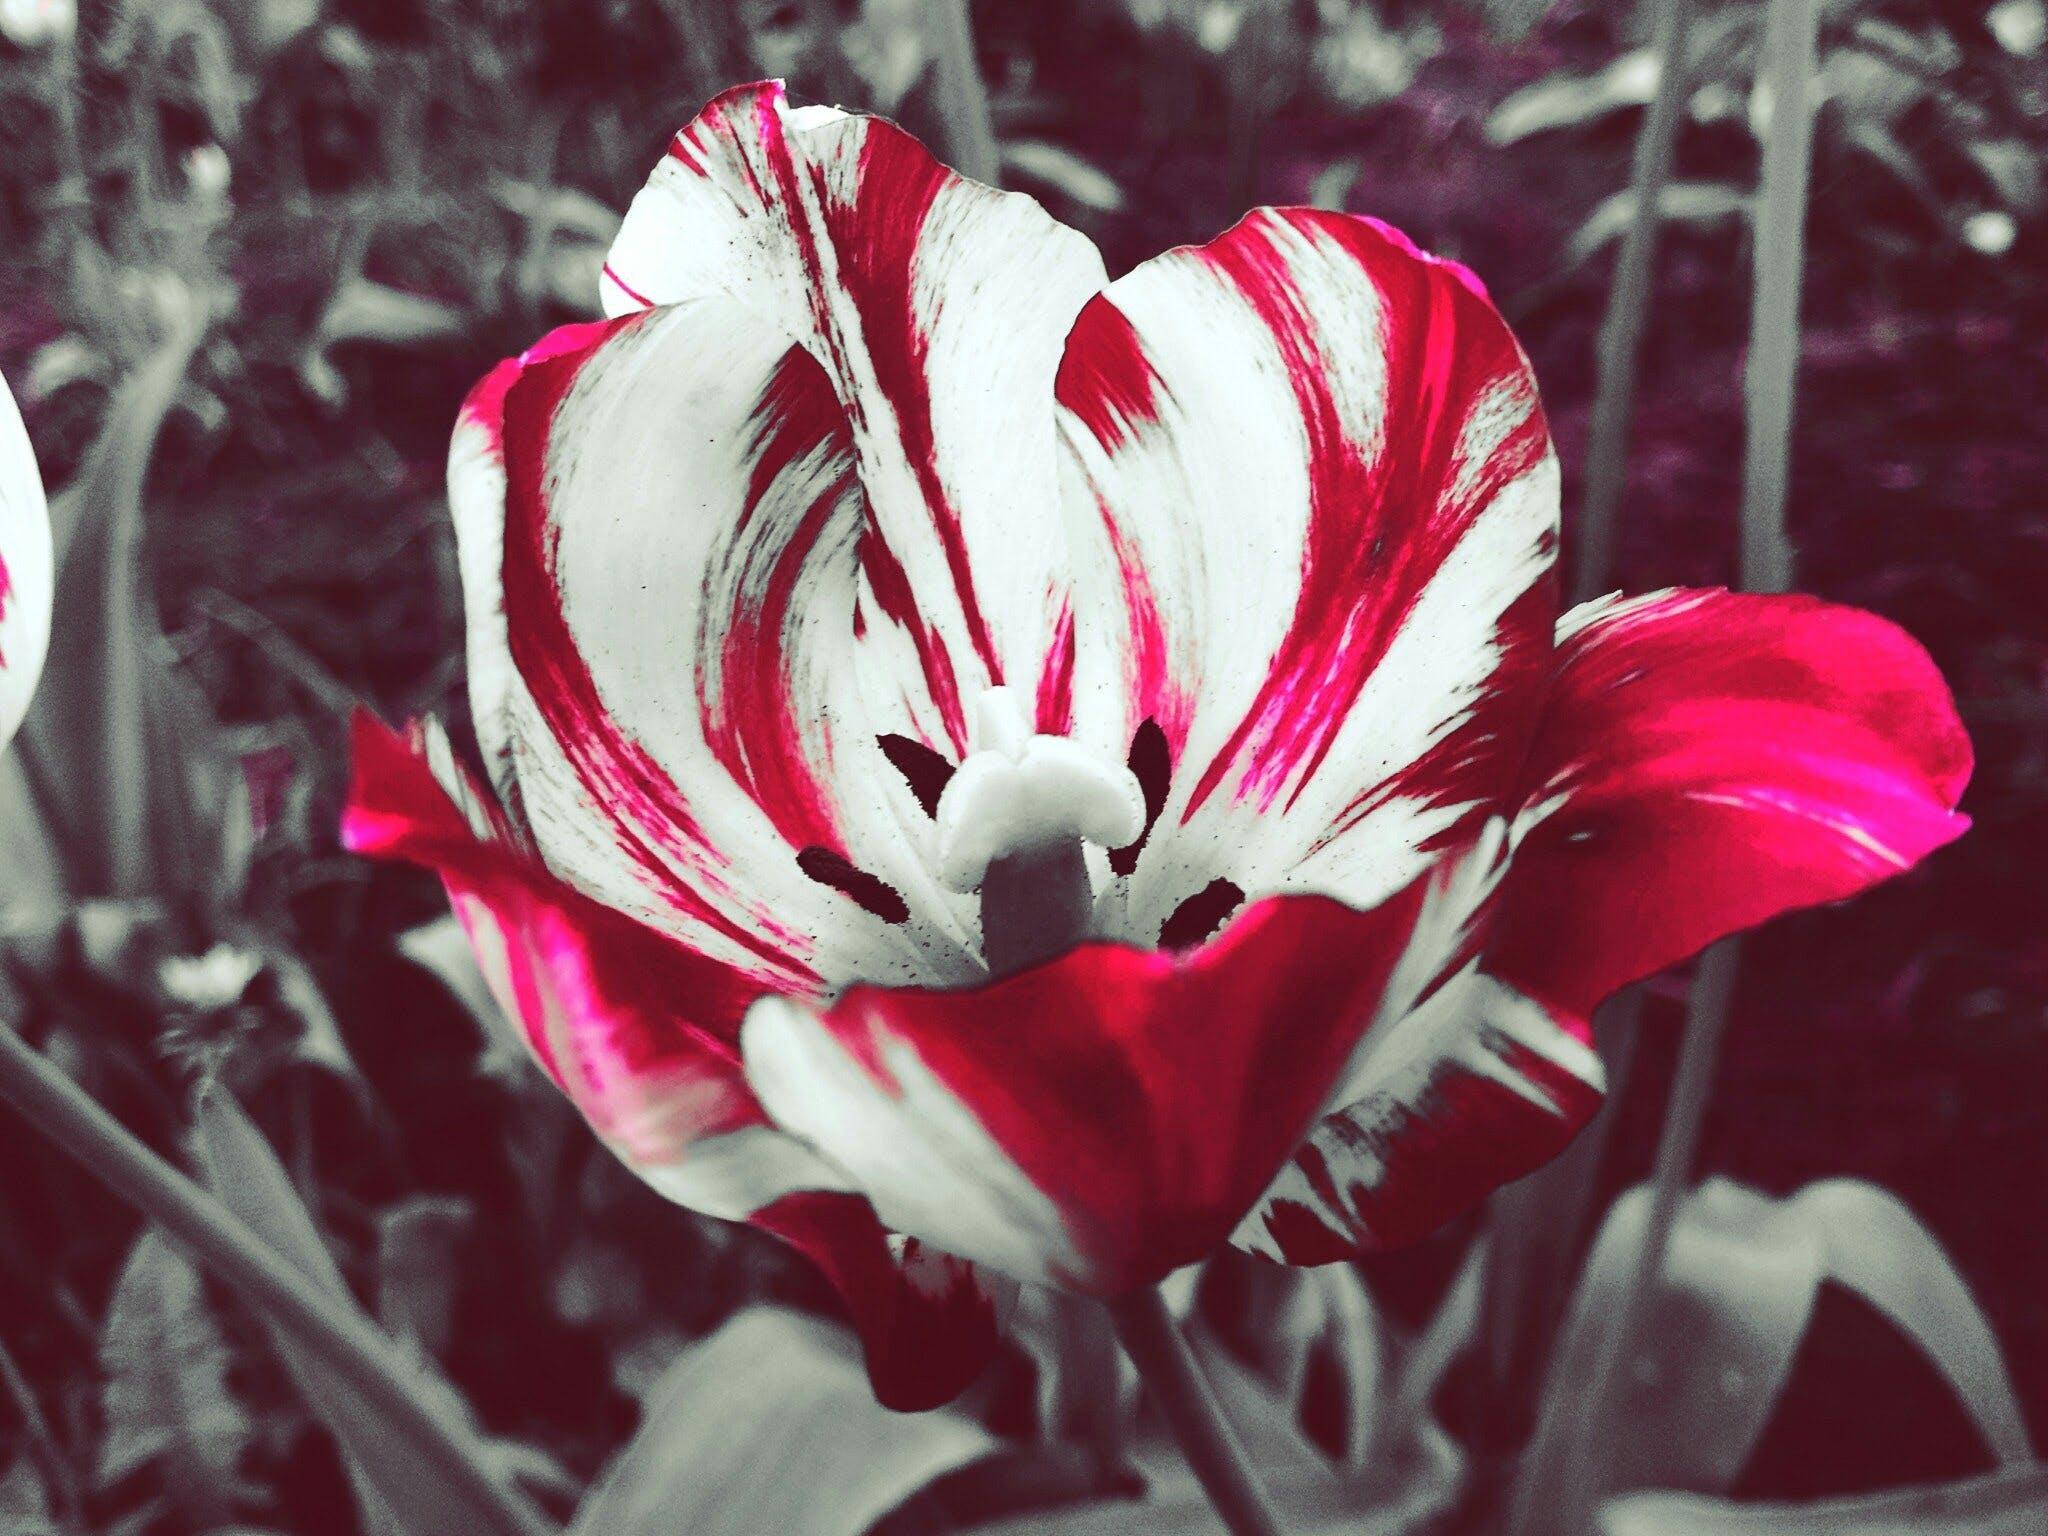 Δωρεάν στοκ φωτογραφιών με bicolour, ημέρα, καλοκαίρι, λευκός